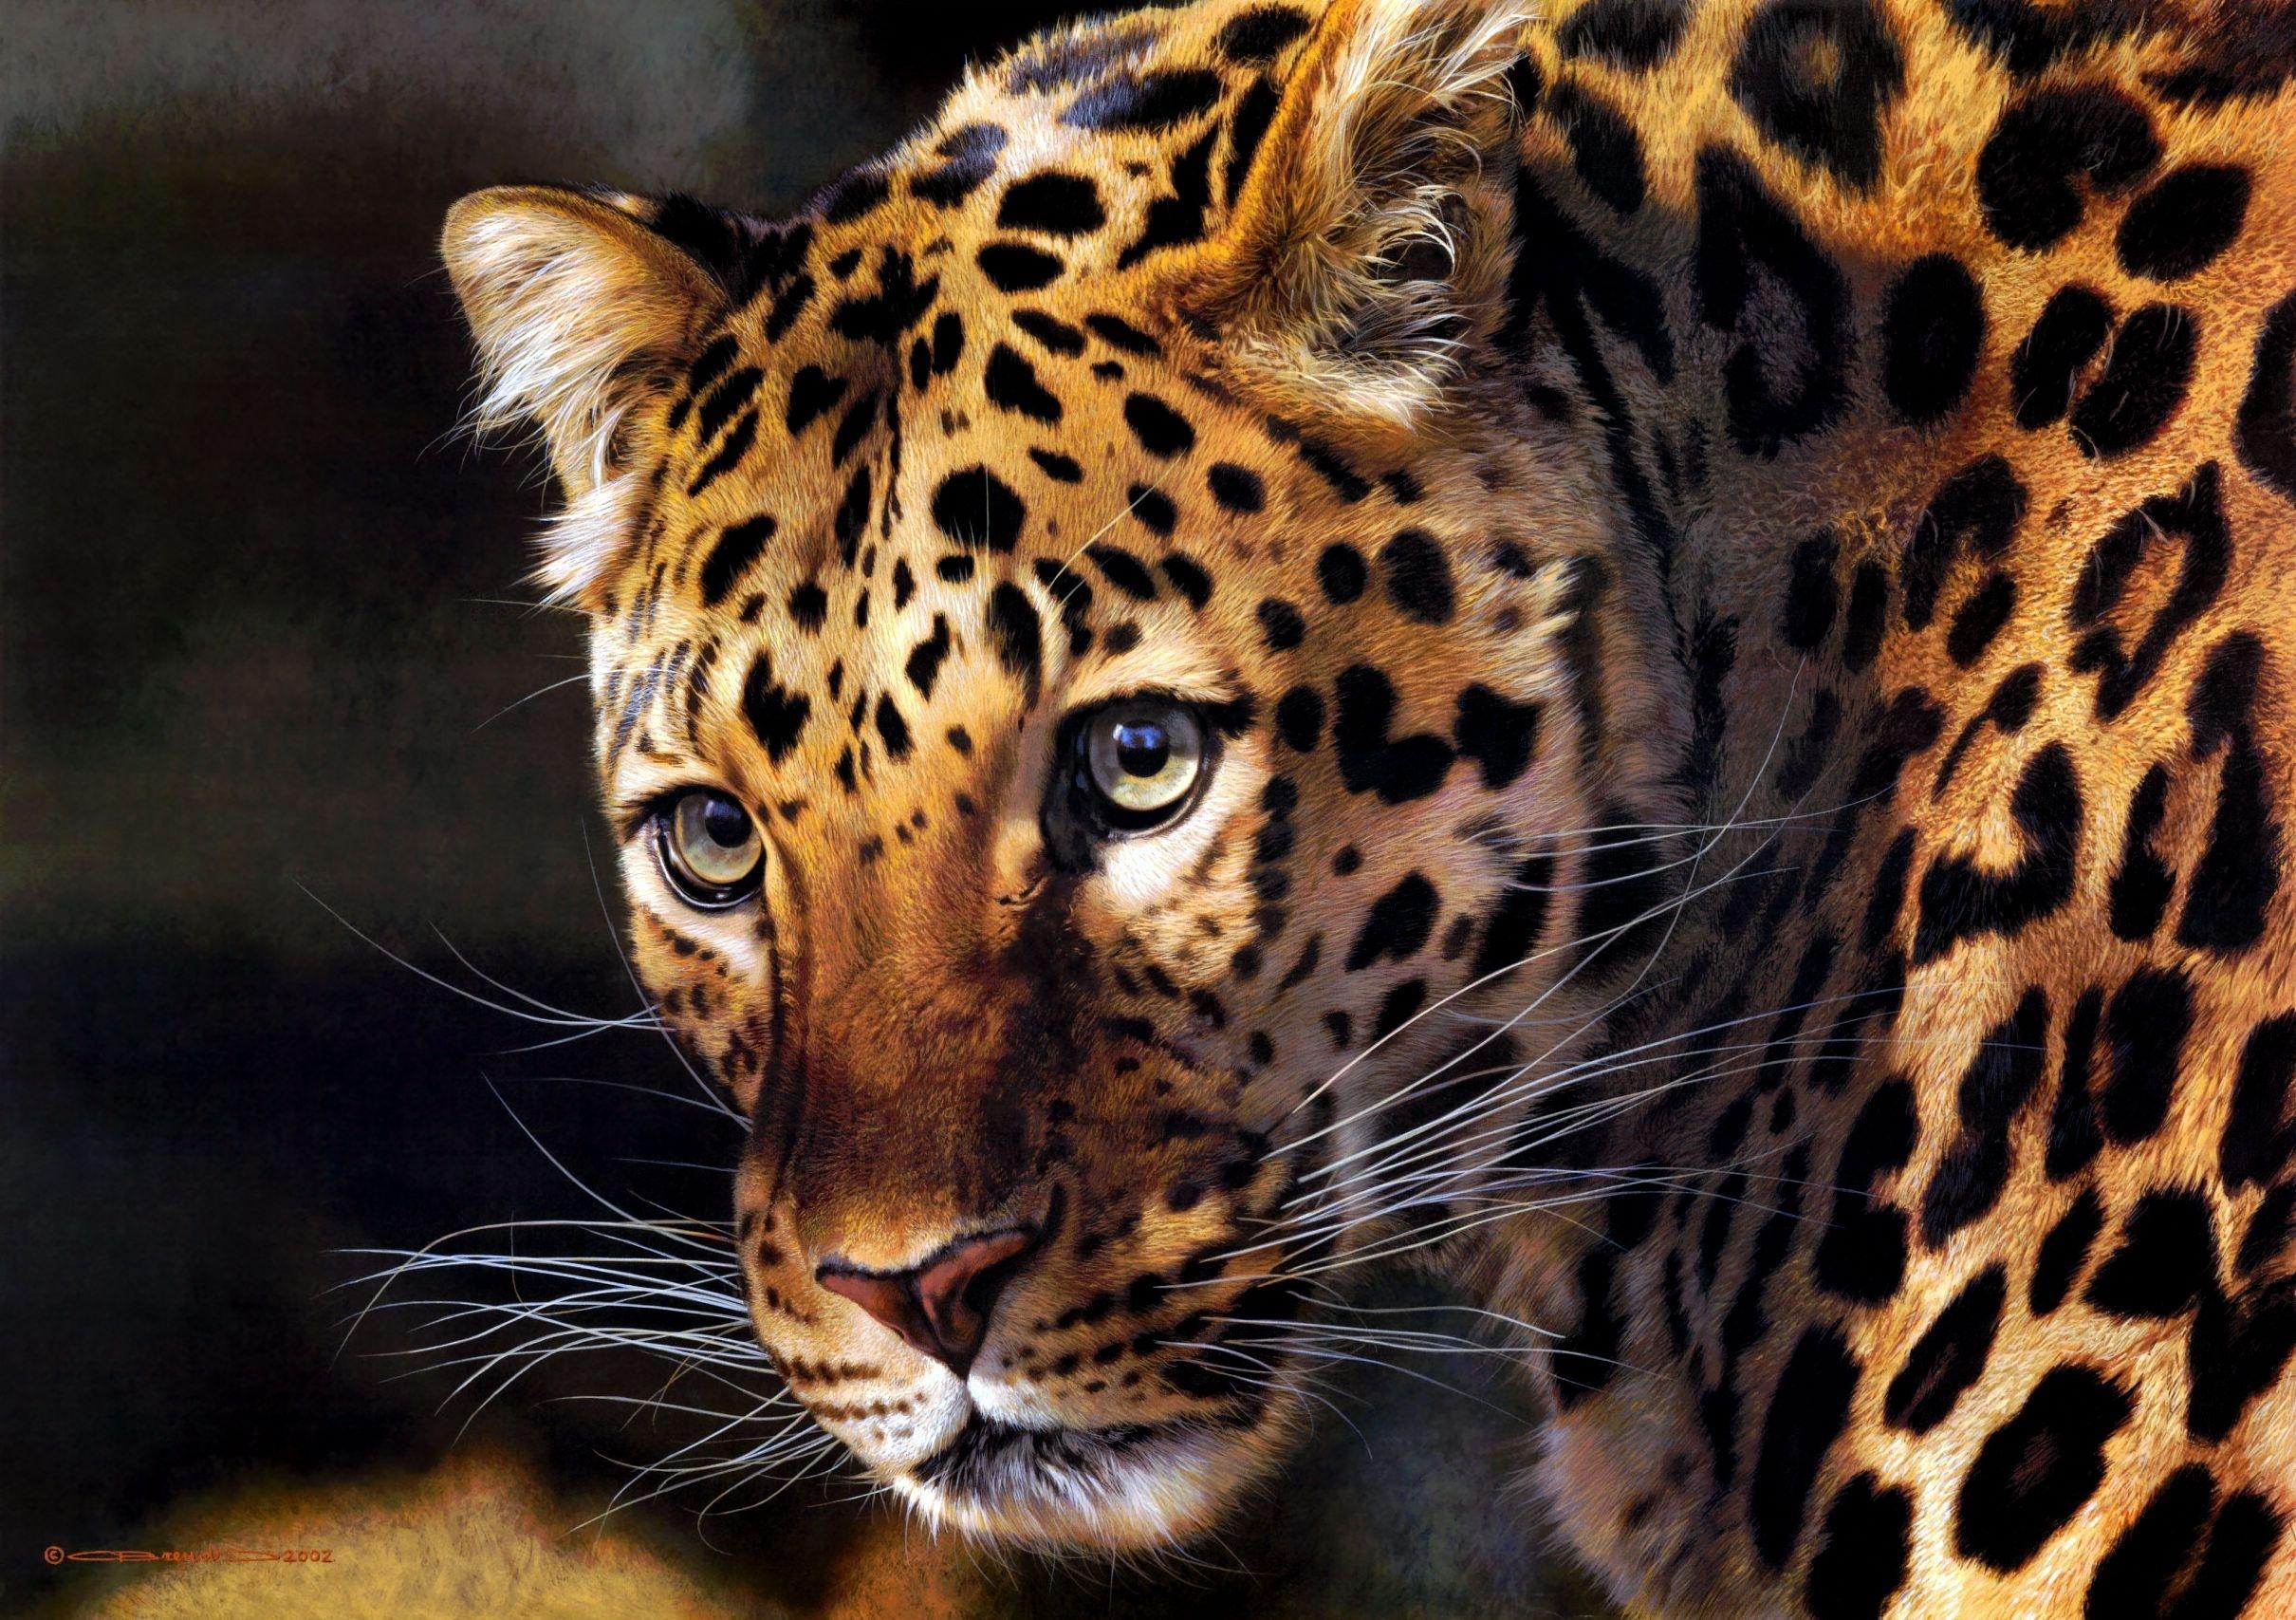 Animales Felino Leopardos Fondo De Pantalla Fondos De: Fondos De Pantalla 2420x1707 Grandes Felinos Leopardo